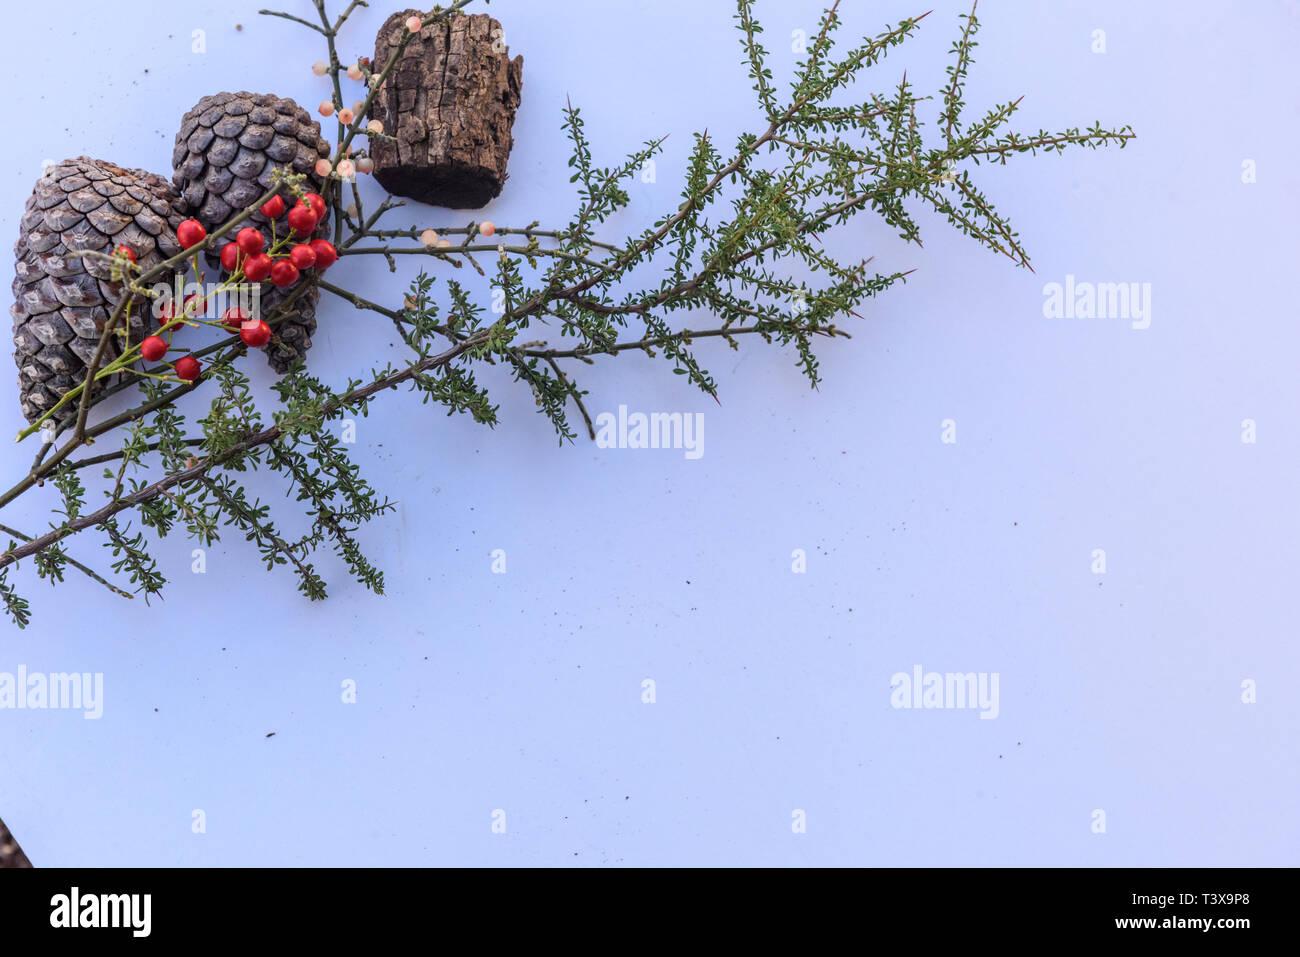 Botanical ancora in vita di foglie, pigne, piante e frutti di bosco in toni di marrone contro uno sfondo bianco. Foto Stock